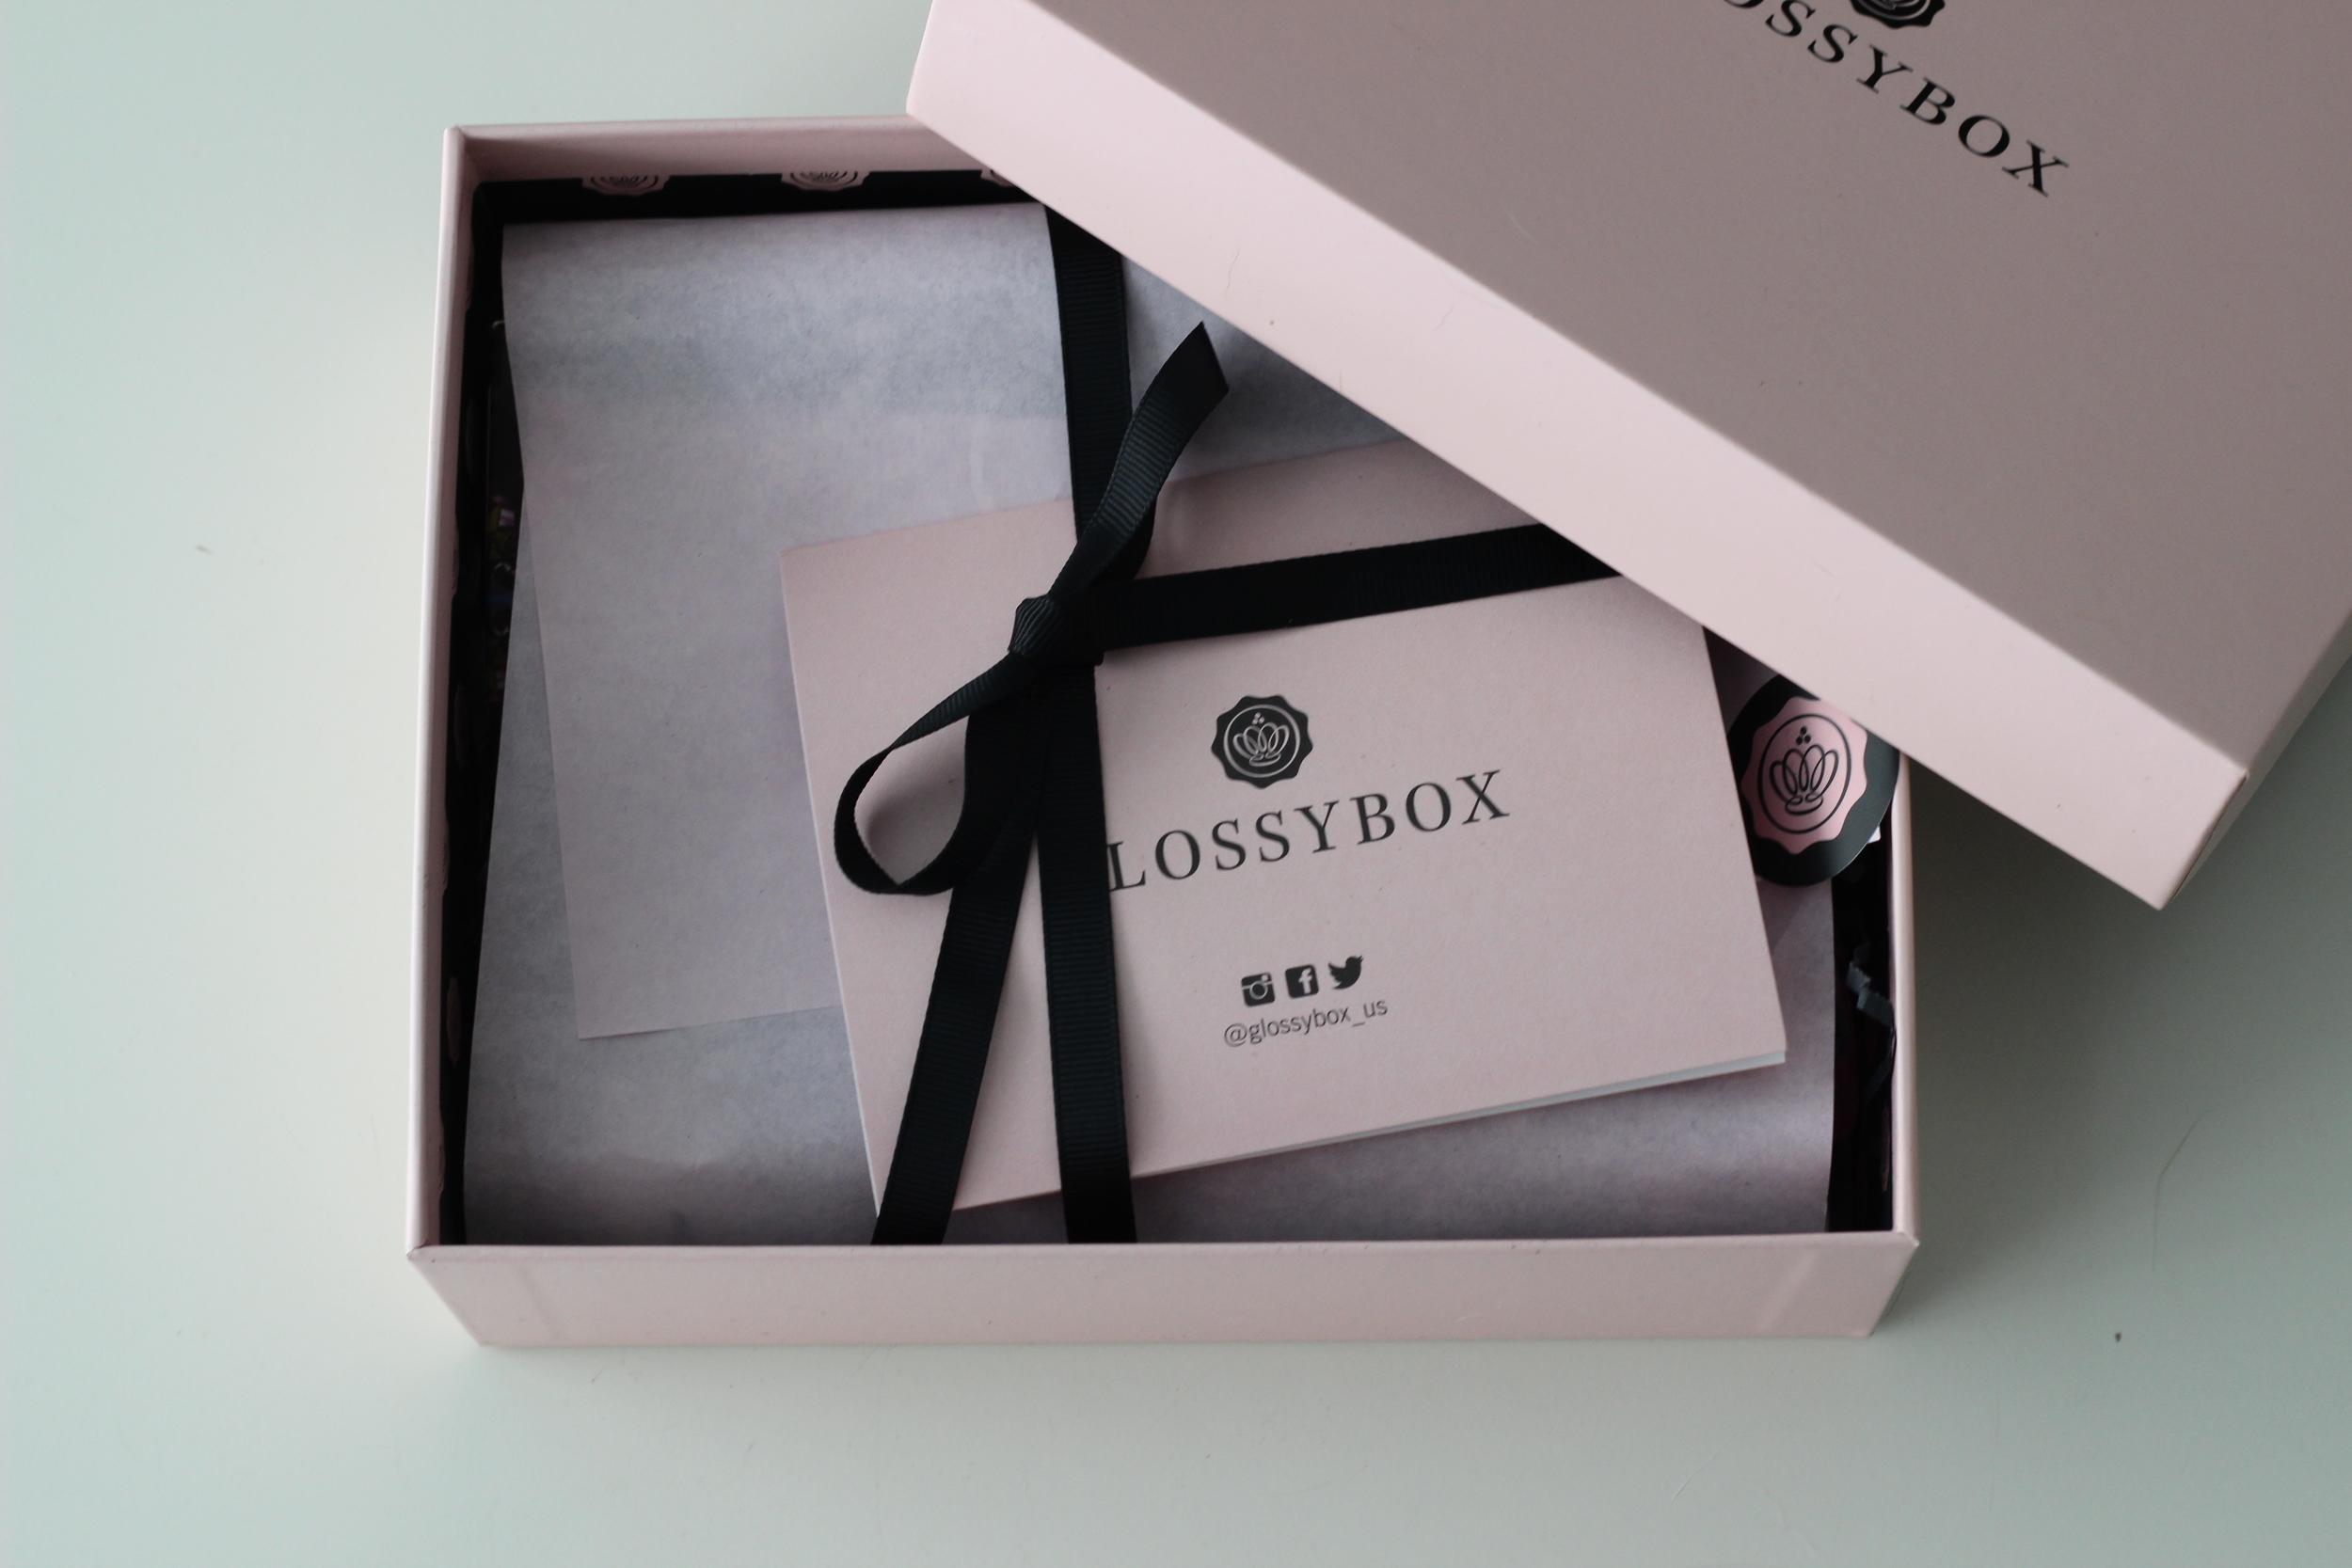 January Glossybox